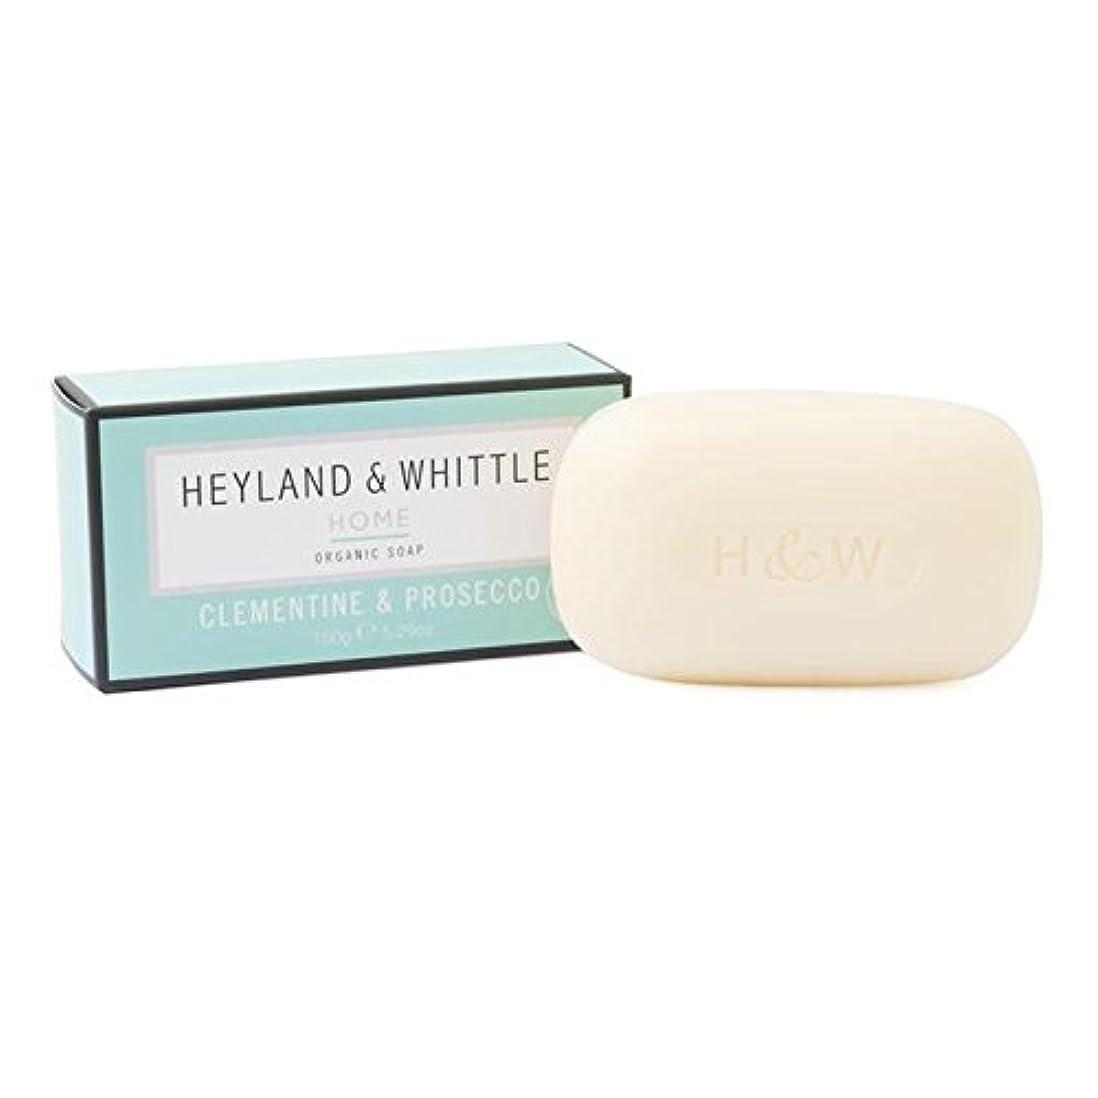 どれ技術者今までHeyland & Whittle Home Clementine & Prosecco Organic Soap 150g (Pack of 6) - &削るホームクレメンタイン&プロセッコ有機石鹸150グラム x6...